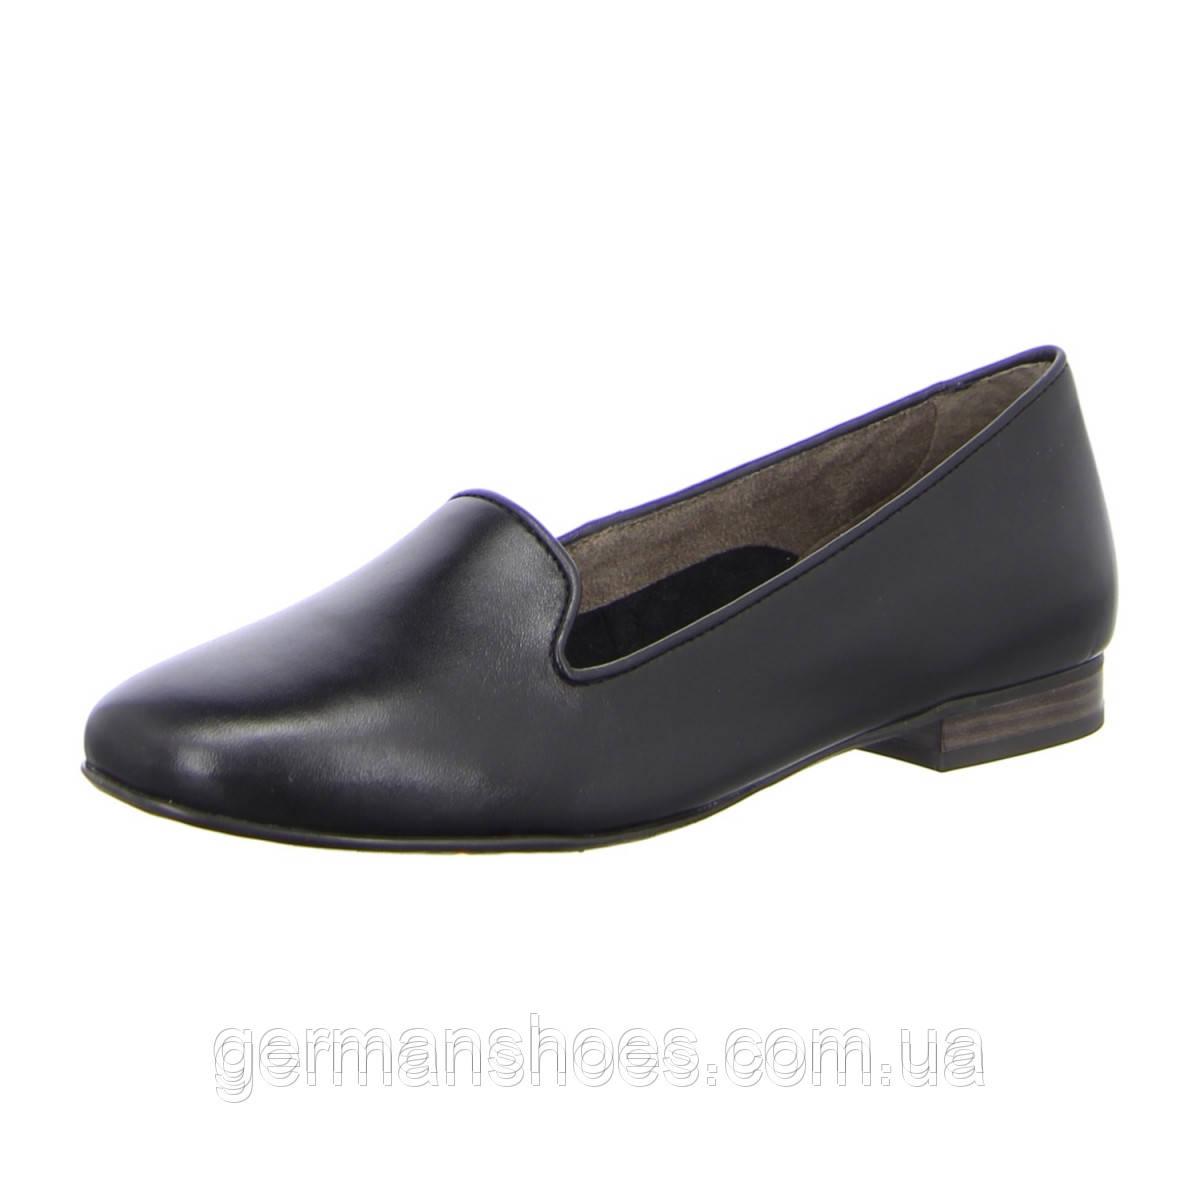 Туфли женские Tamaris 24226-22-003